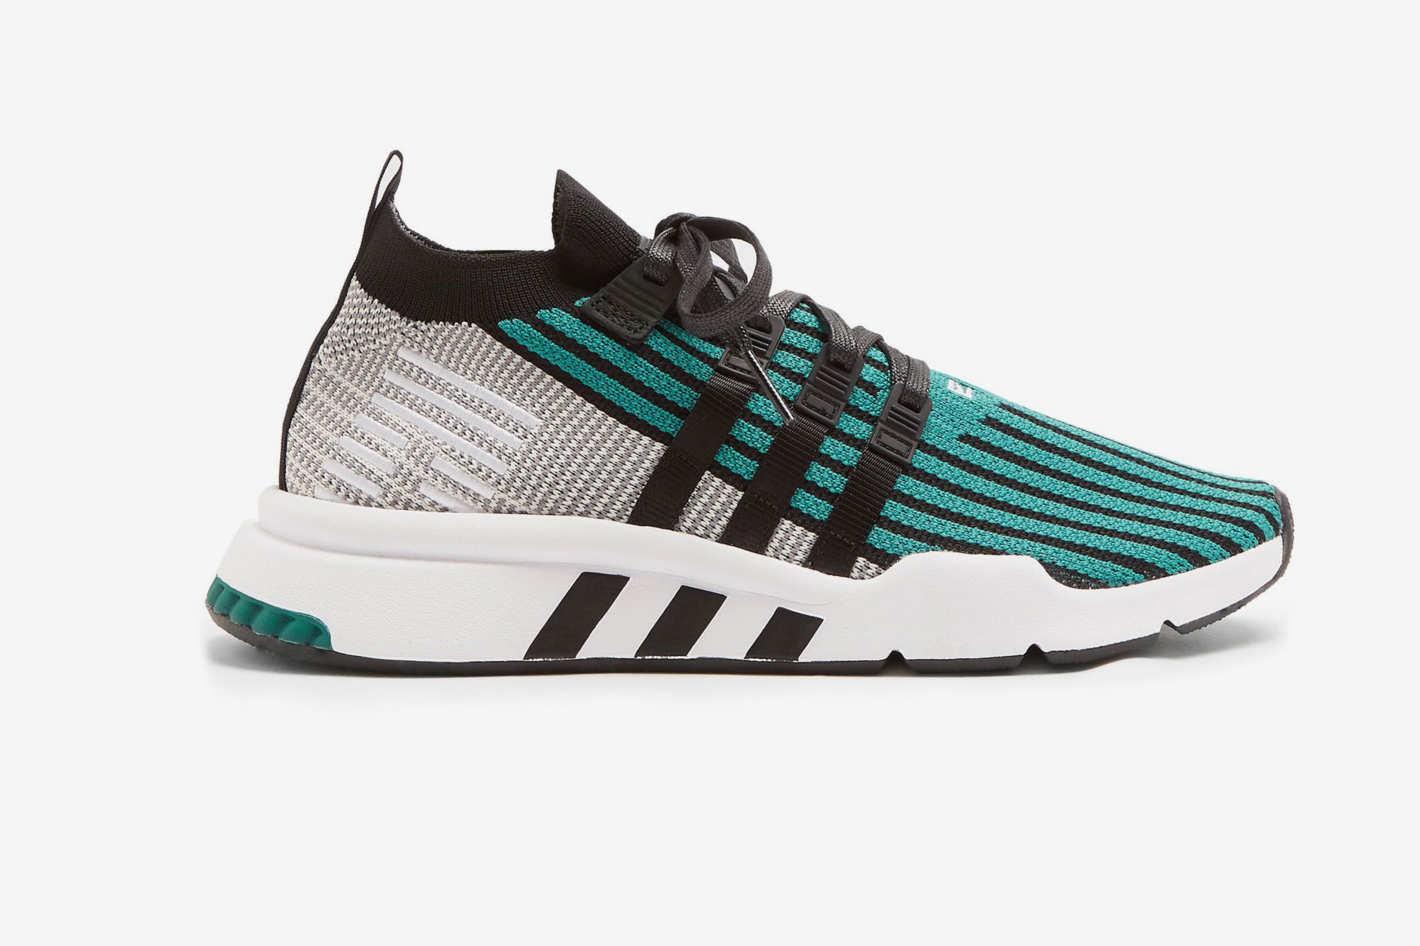 Adidas Originals EQT Support Low-Top Trainers